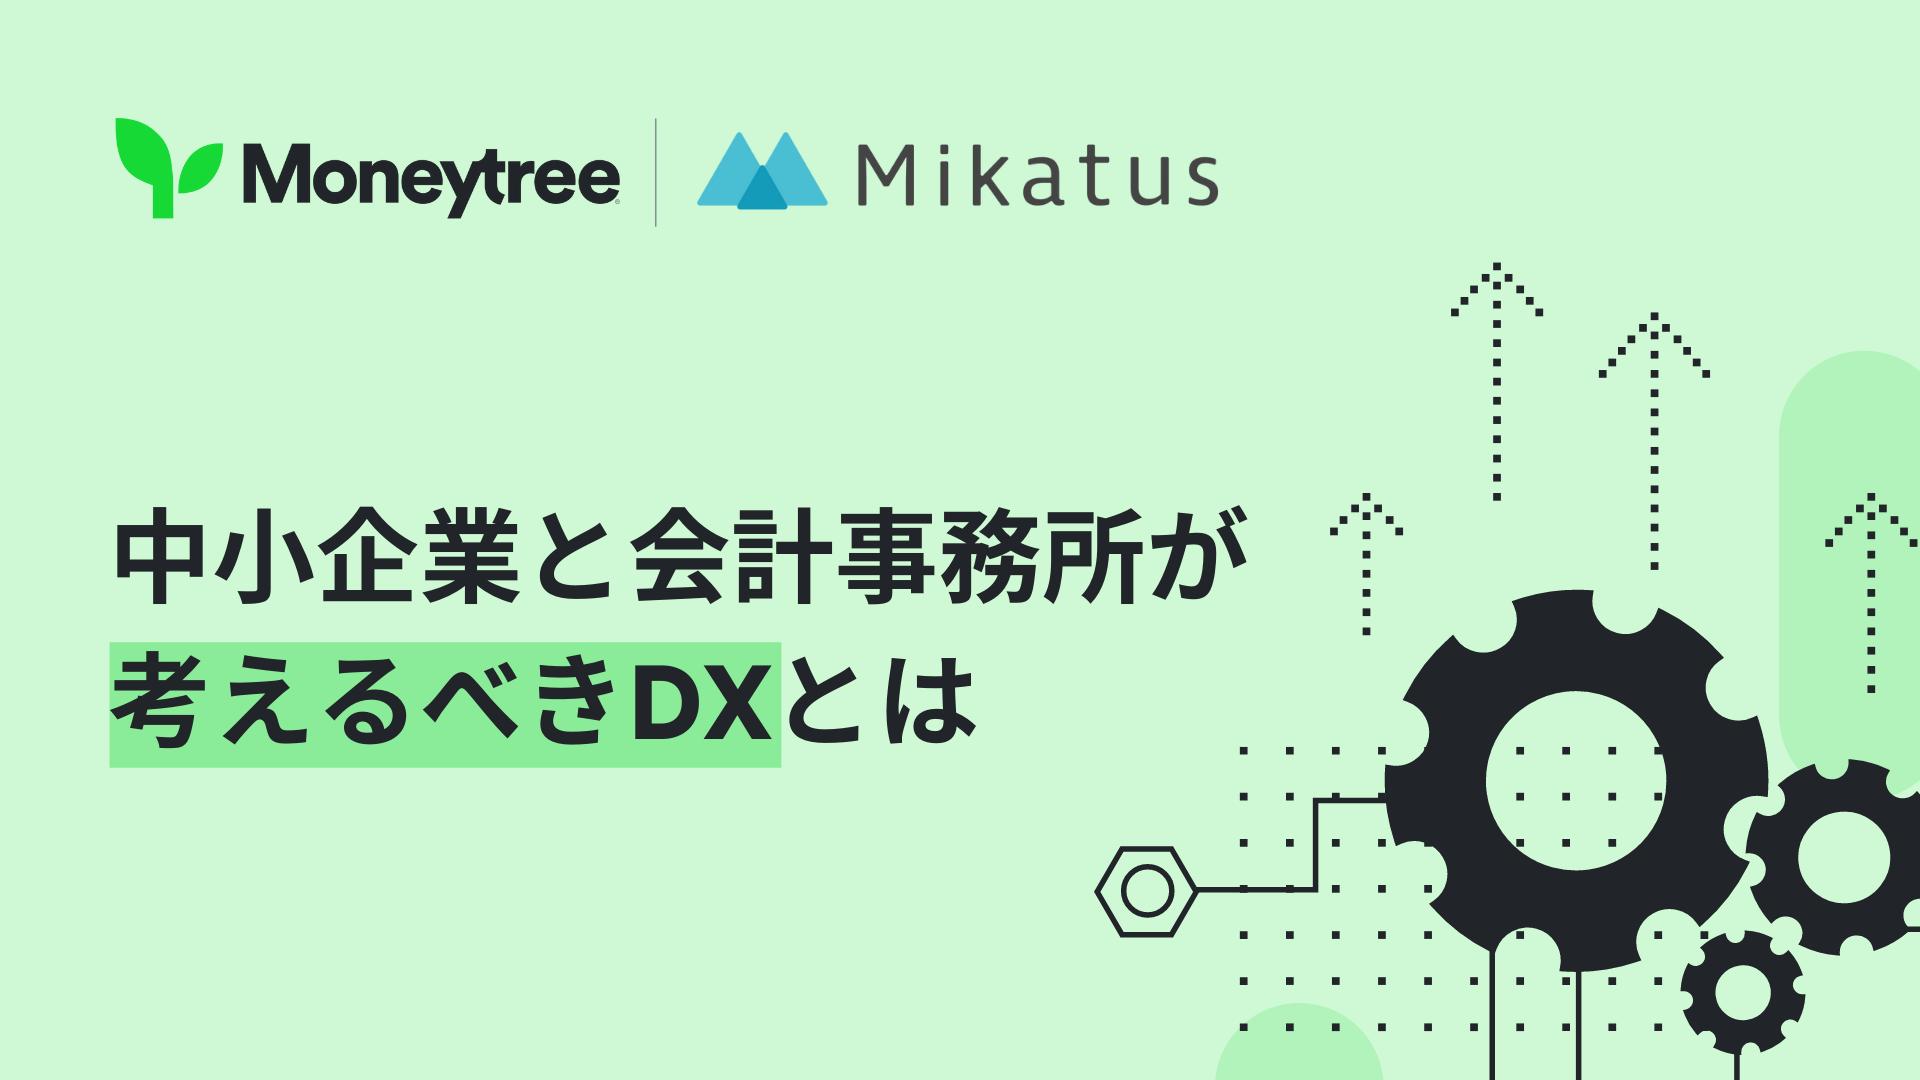 会計・税務業界に差し迫るデジタル化・DXとは? アカウントアグリゲーションでDX支援 | ウェビナーレポート